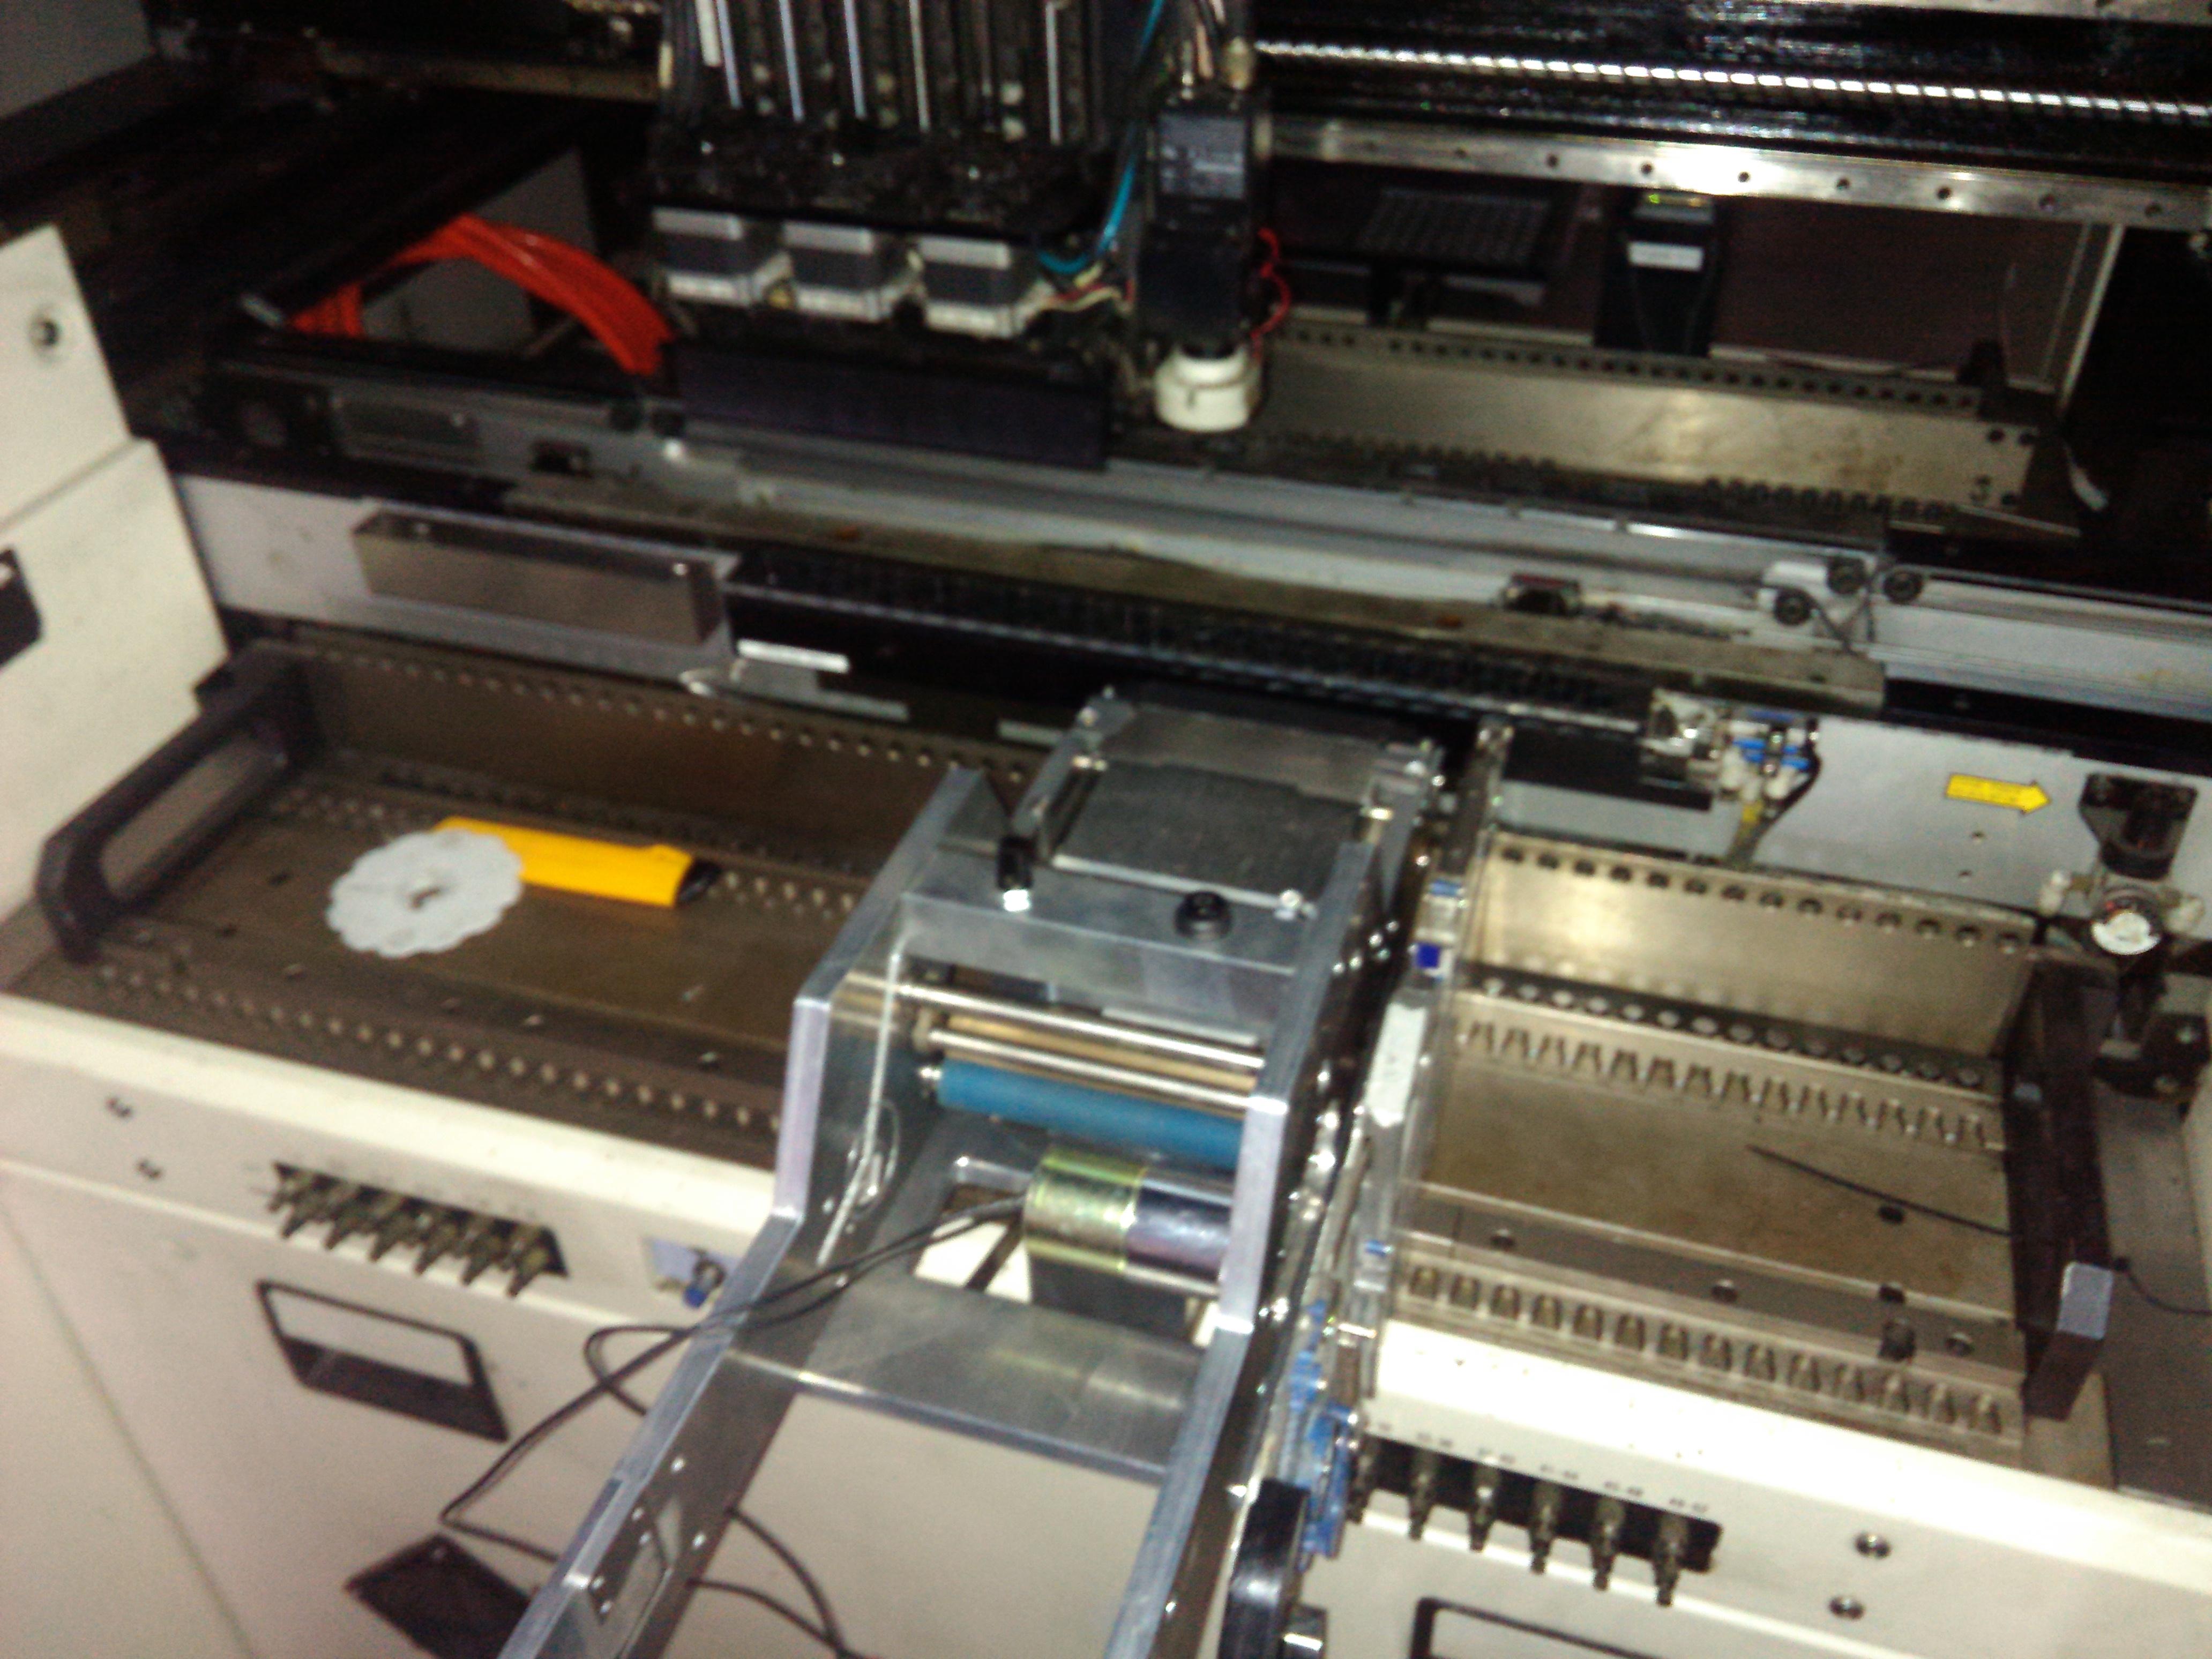 cl placer smallsmt we label vp machine image shop feeder vision